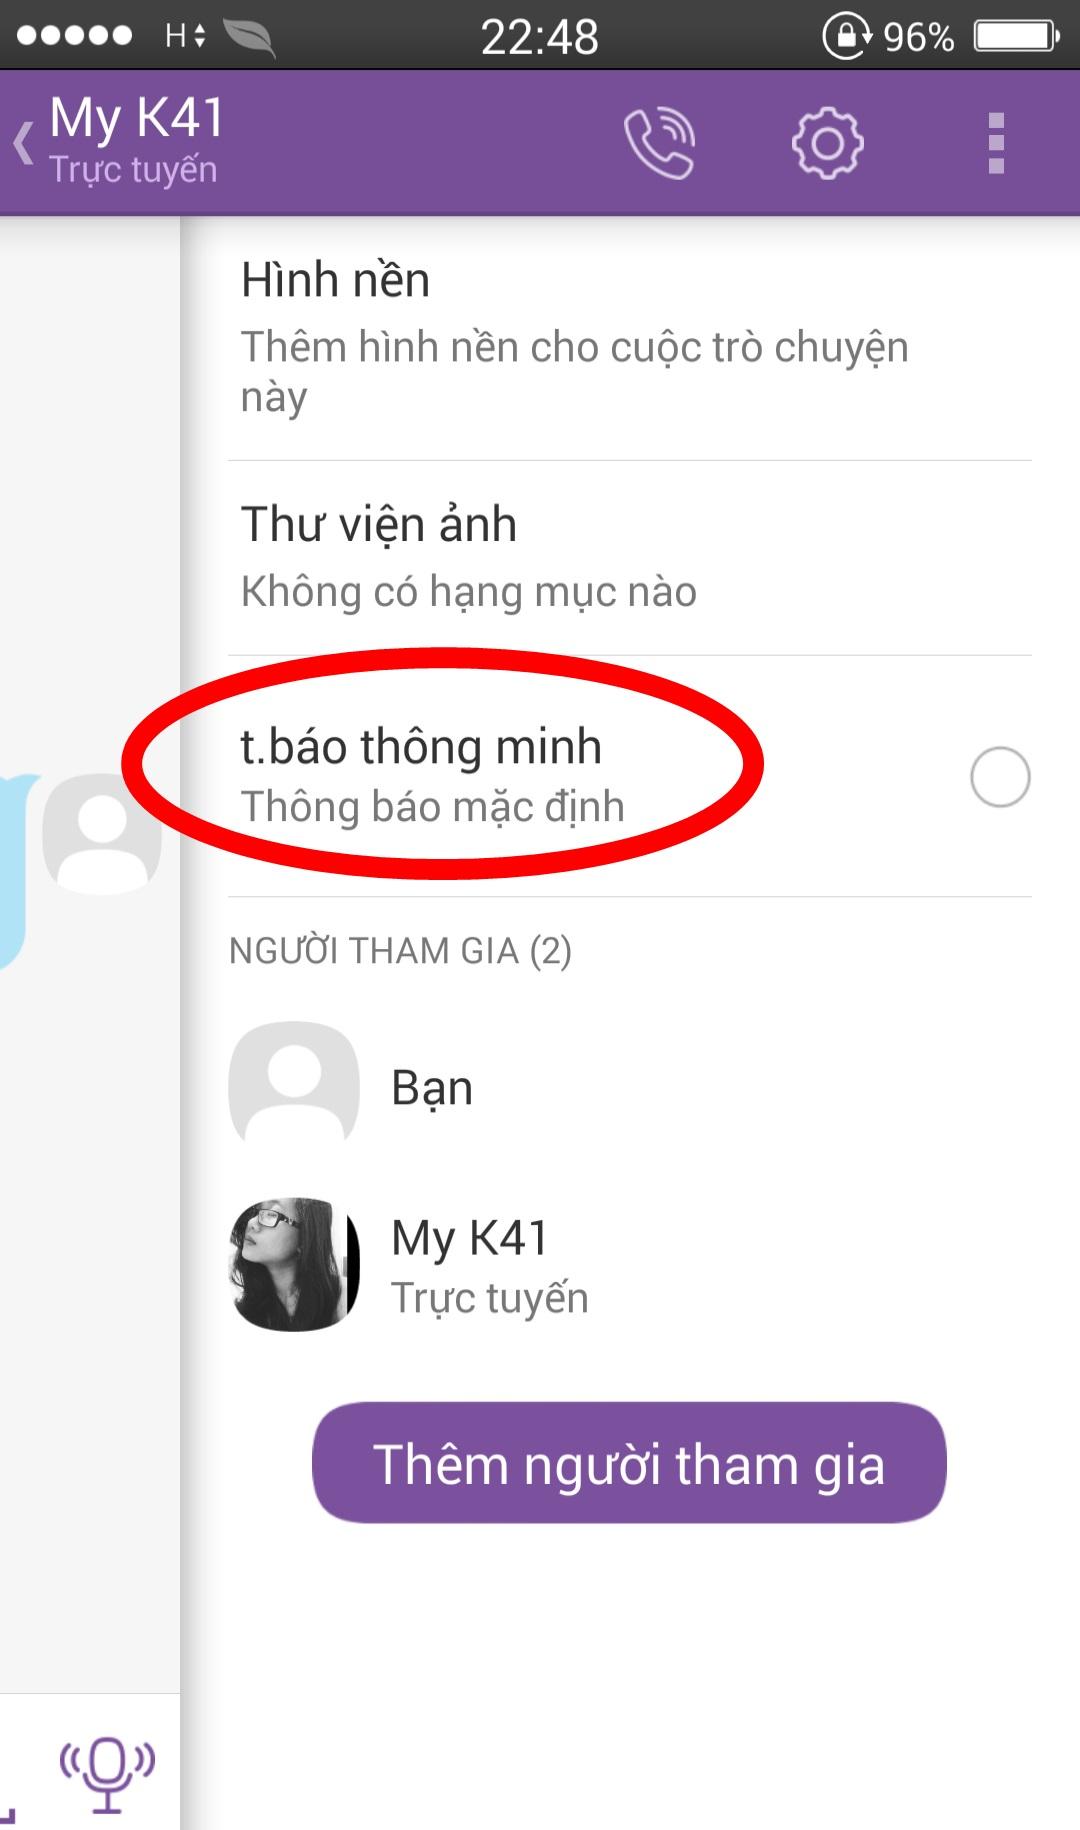 Gom nhóm thông báo trên Viber